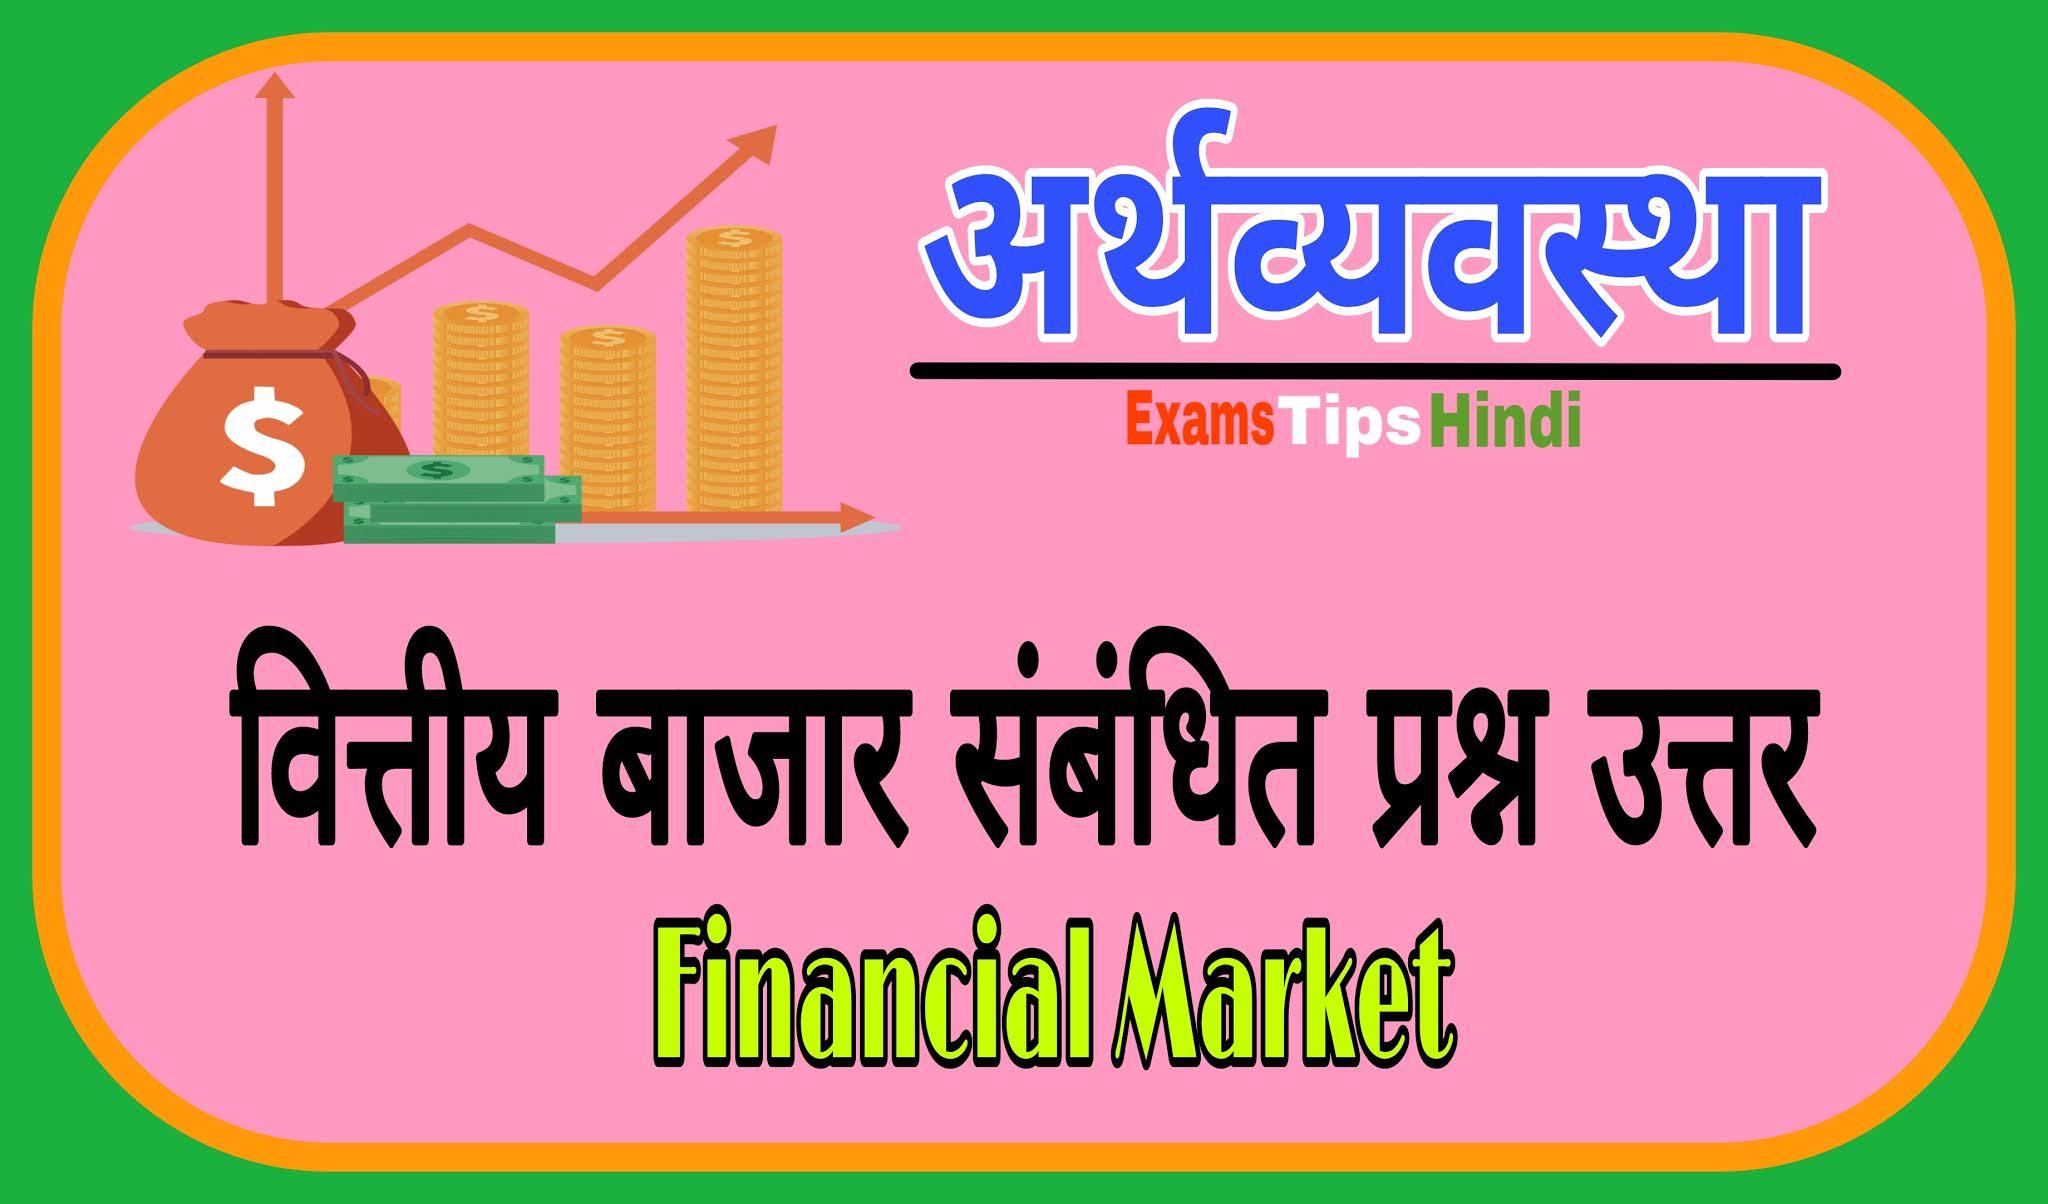 वित्तीय बाज़ार संबंधित जानकारी, वित्तीय बाजार संबंधित प्रश्न उत्तर, Financial Market related Important Questions